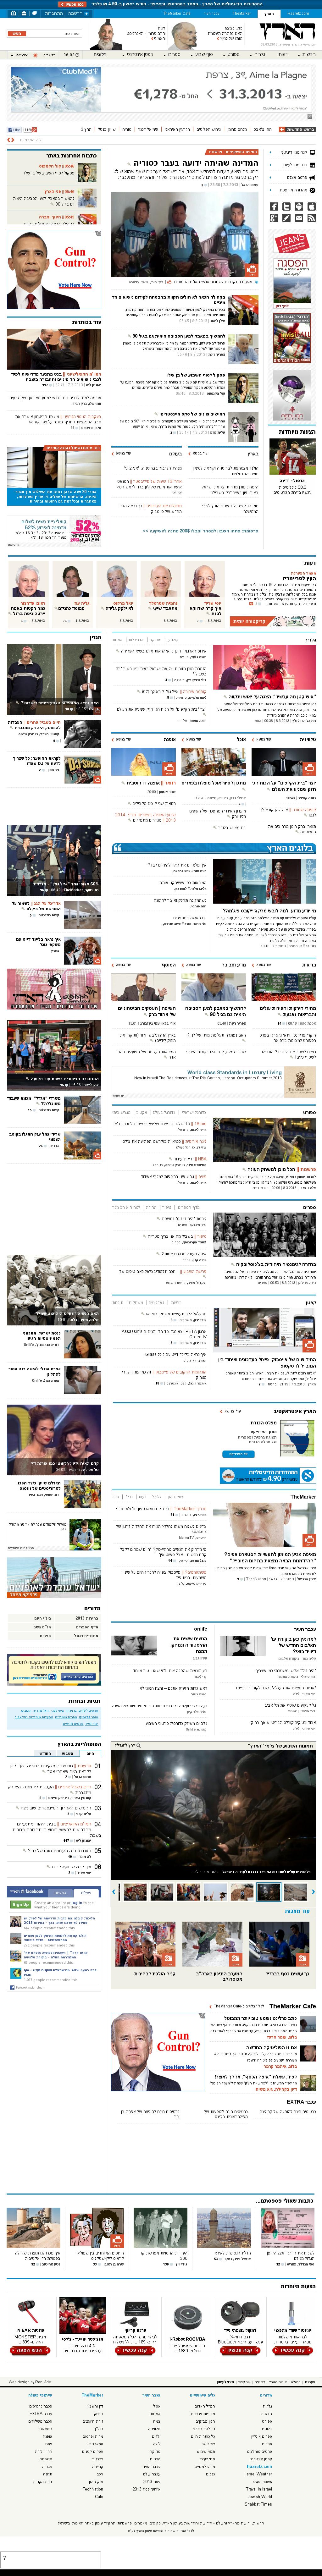 Haaretz at Friday March 8, 2013, 4:08 a.m. UTC